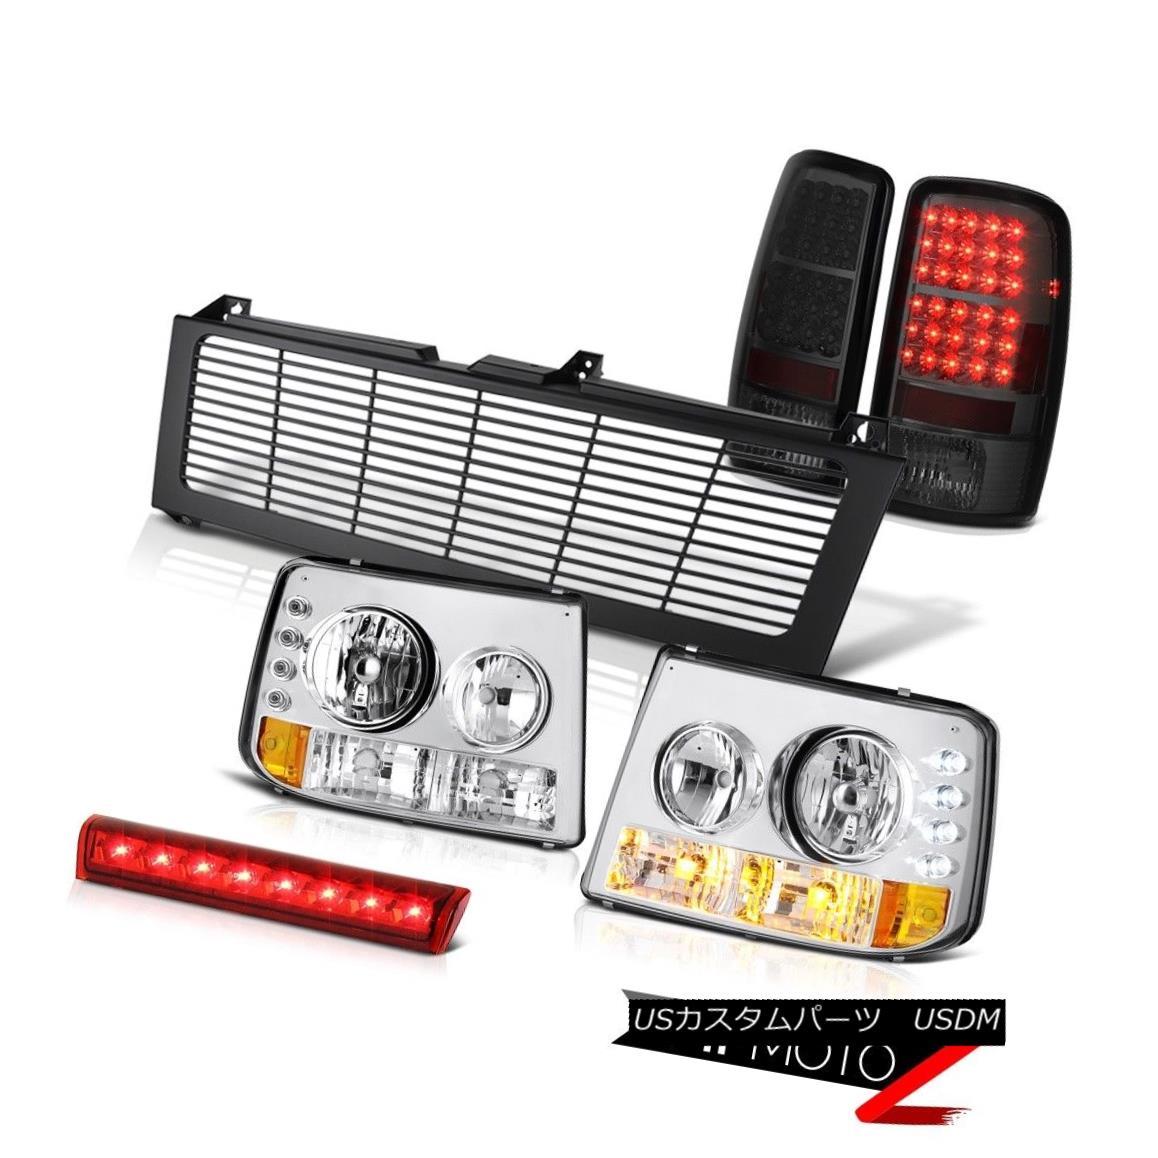 ヘッドライト Headlamps Tail Light High Brake Cargo LED Black Grille 00 01 02 03 04 Suburban ヘッドランプテールライトハイブレーキカーゴLEDブラックグリル00 01 02 03 04郊外